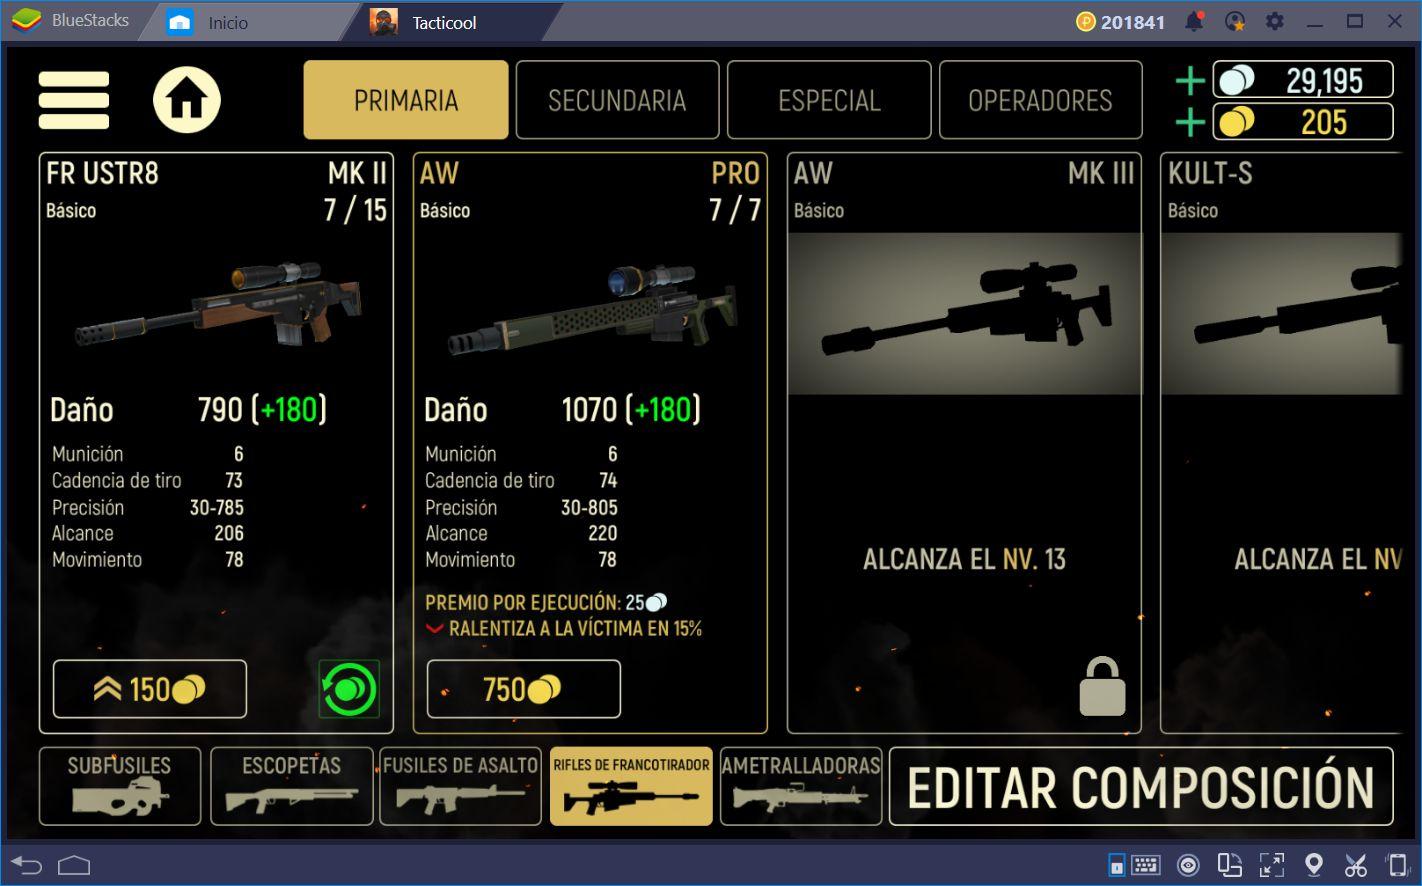 Cómo Usar los Rifles de Francotirador Para Dominar en Tacticool